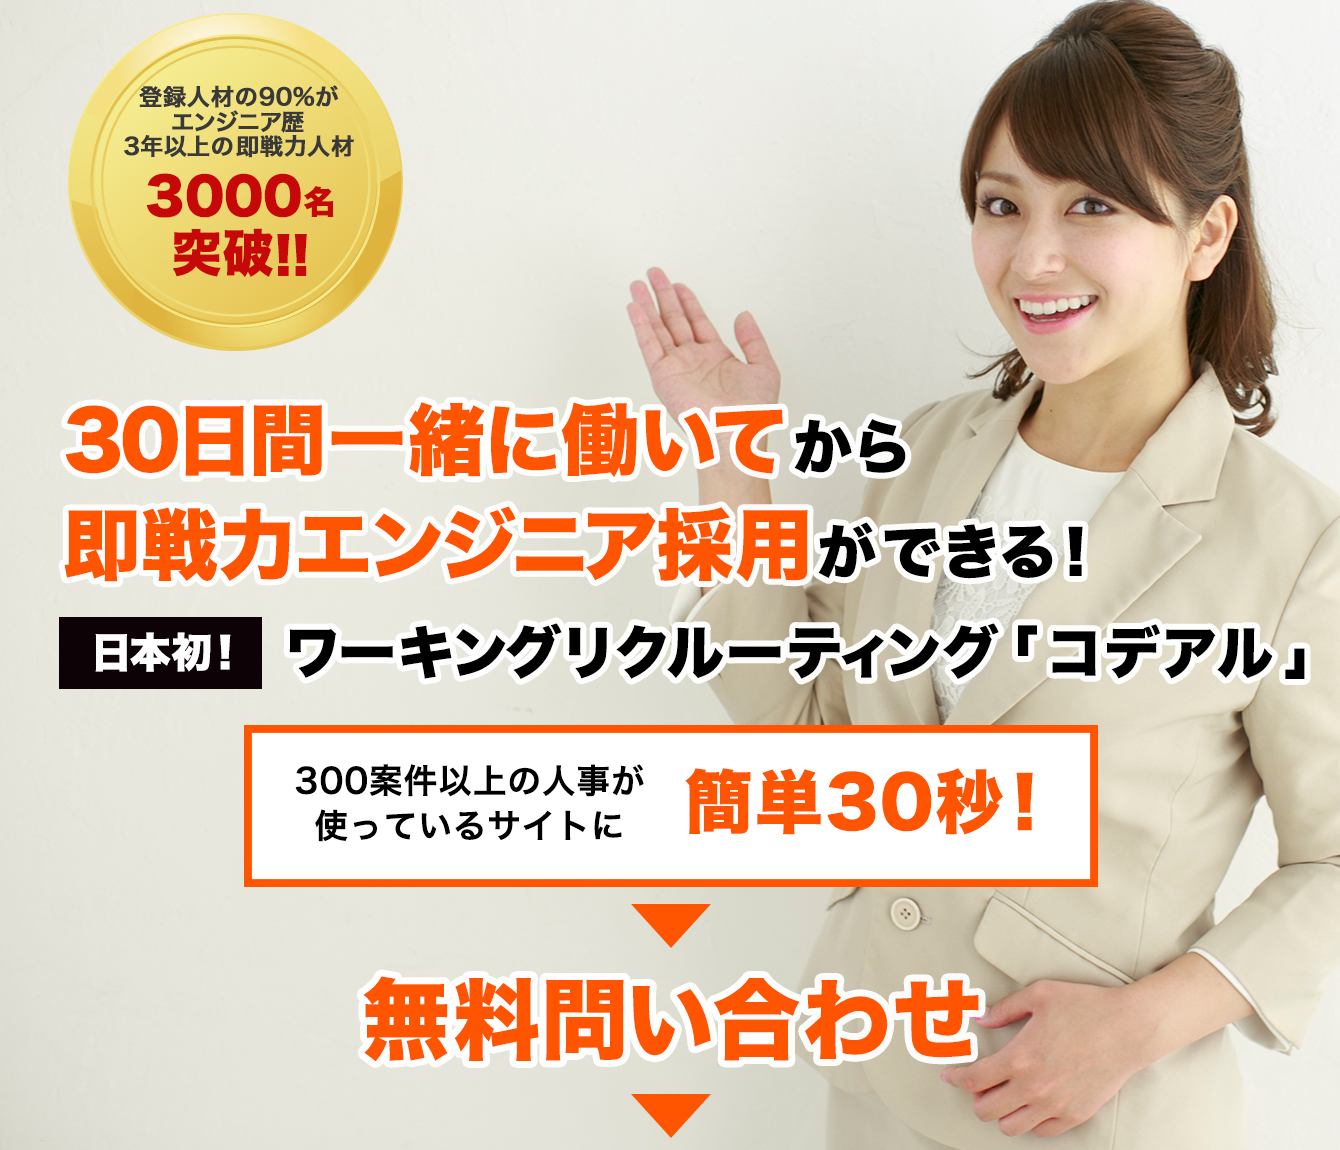 30日間一緒に働いてから 即戦力エンジニア採用ができる! 日本初!ワーキングリクルーティングサービス「コデアル」